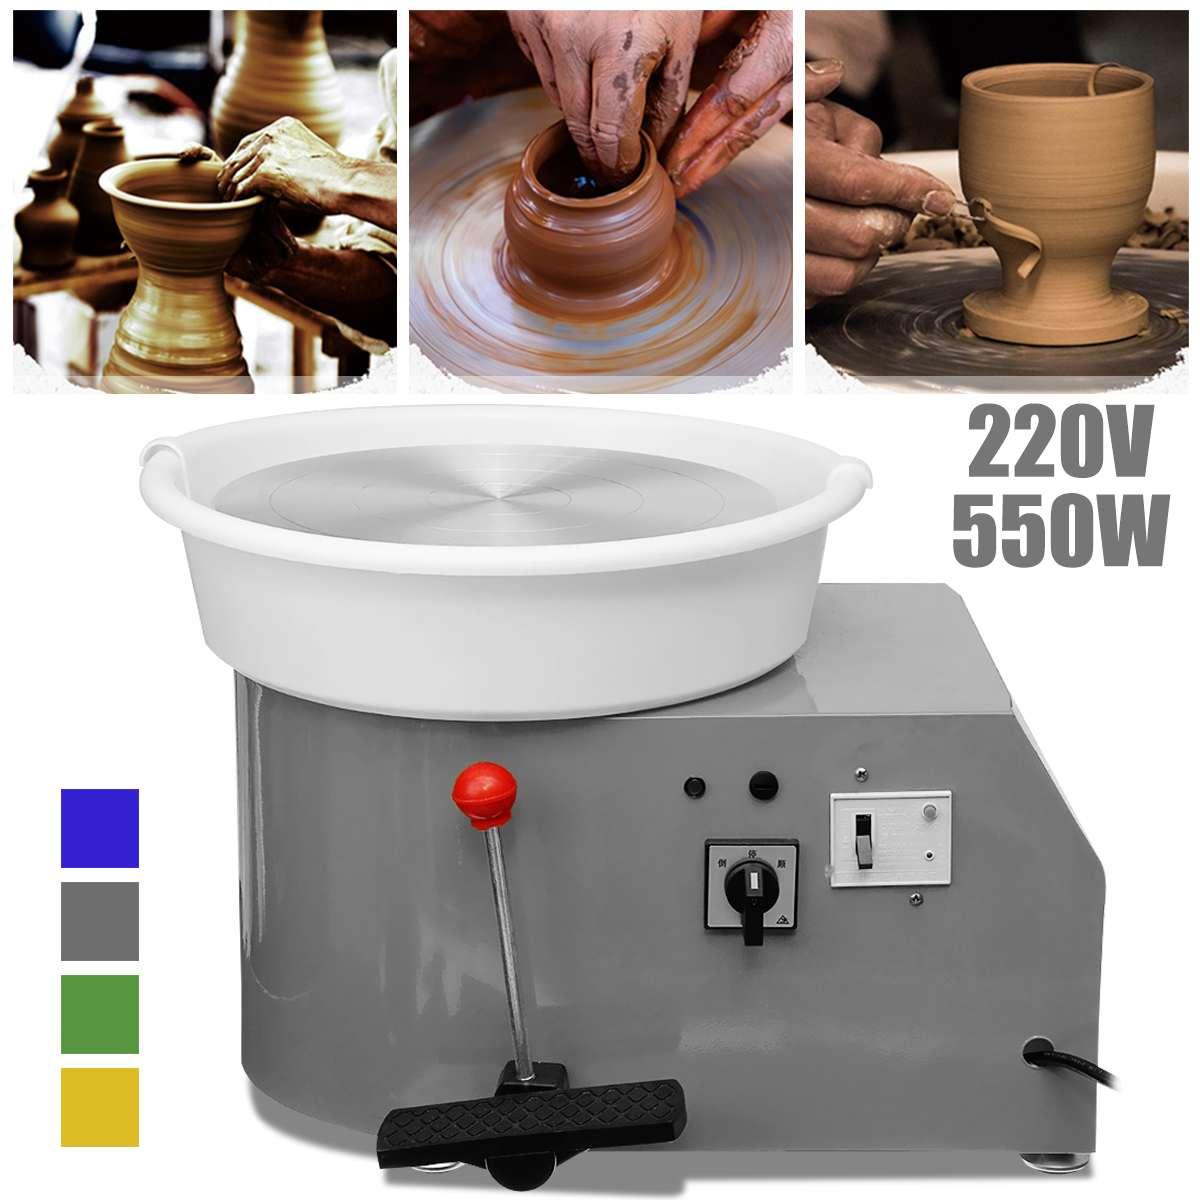 Поворотный электрический гончарный круг керамическая машина 220 В 550 Вт 30 см керамическая глина Поттер набор для керамической работы керамич